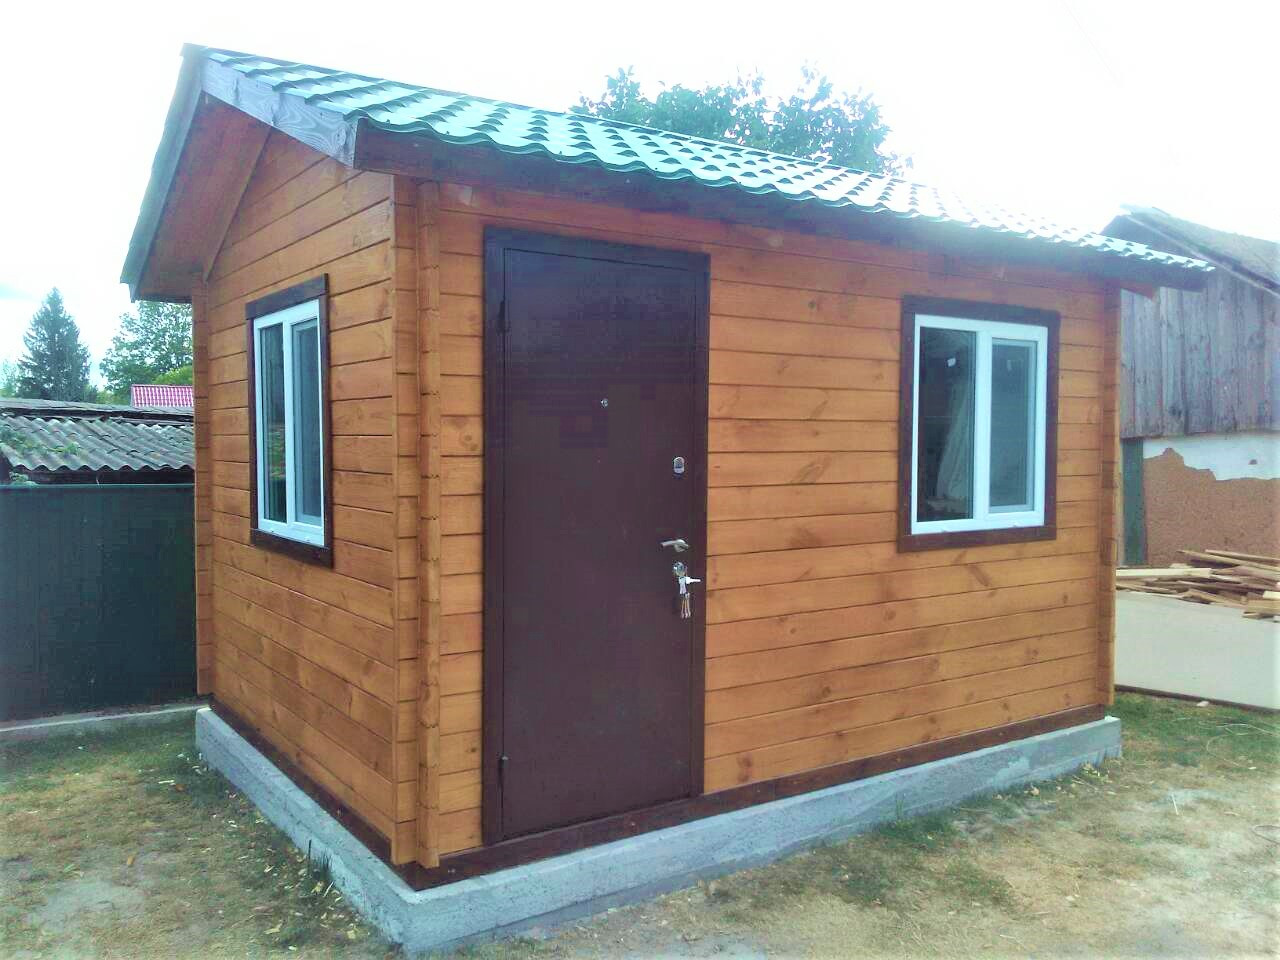 Дом деревянный  3х4 м из профилированного бруса. Кредитование строительства деревянных домов